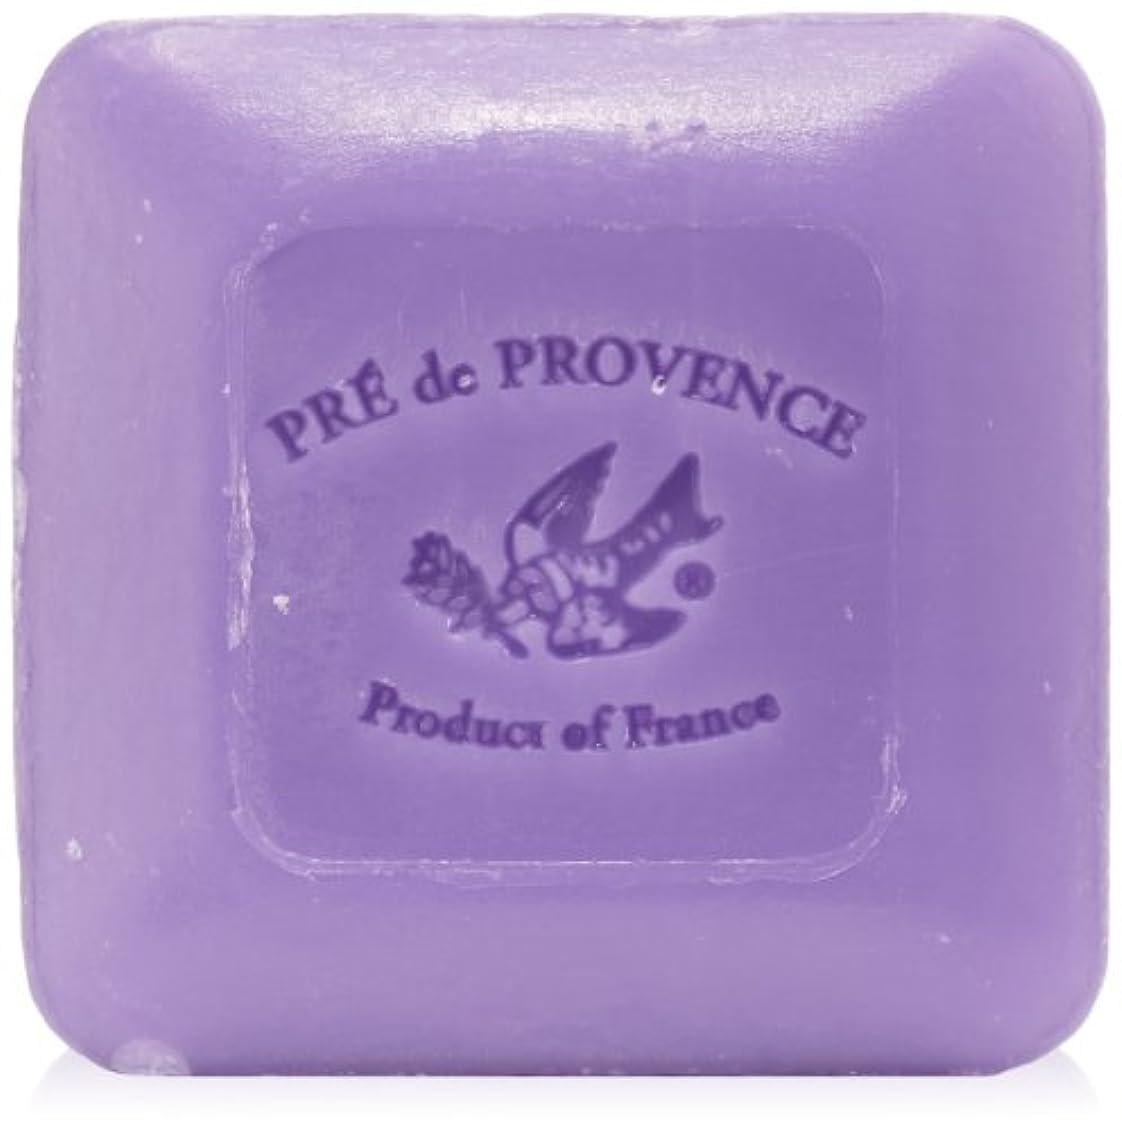 太平洋諸島アパル注意PRE de PROVENCE シアバター エンリッチドソープ ギフトパック ジャスミン JASMIN プレ ドゥ プロヴァンス Shea Butter Enriched Soap